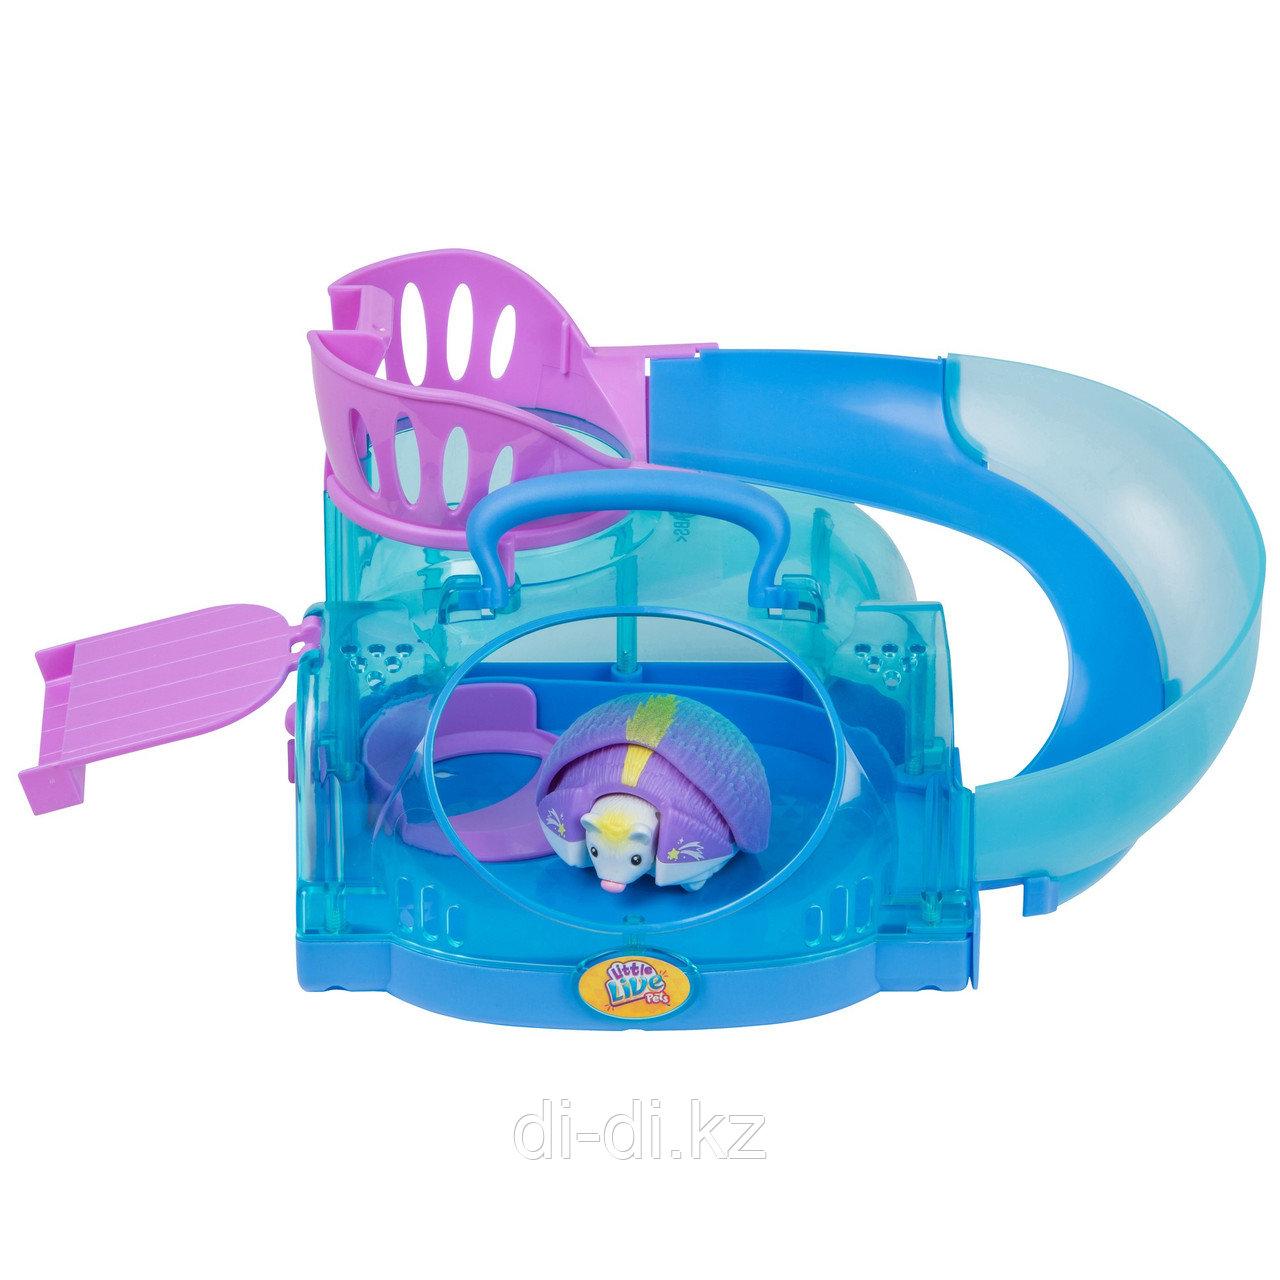 Интерактивная игрушка Ёжик Shy Sky с домиком